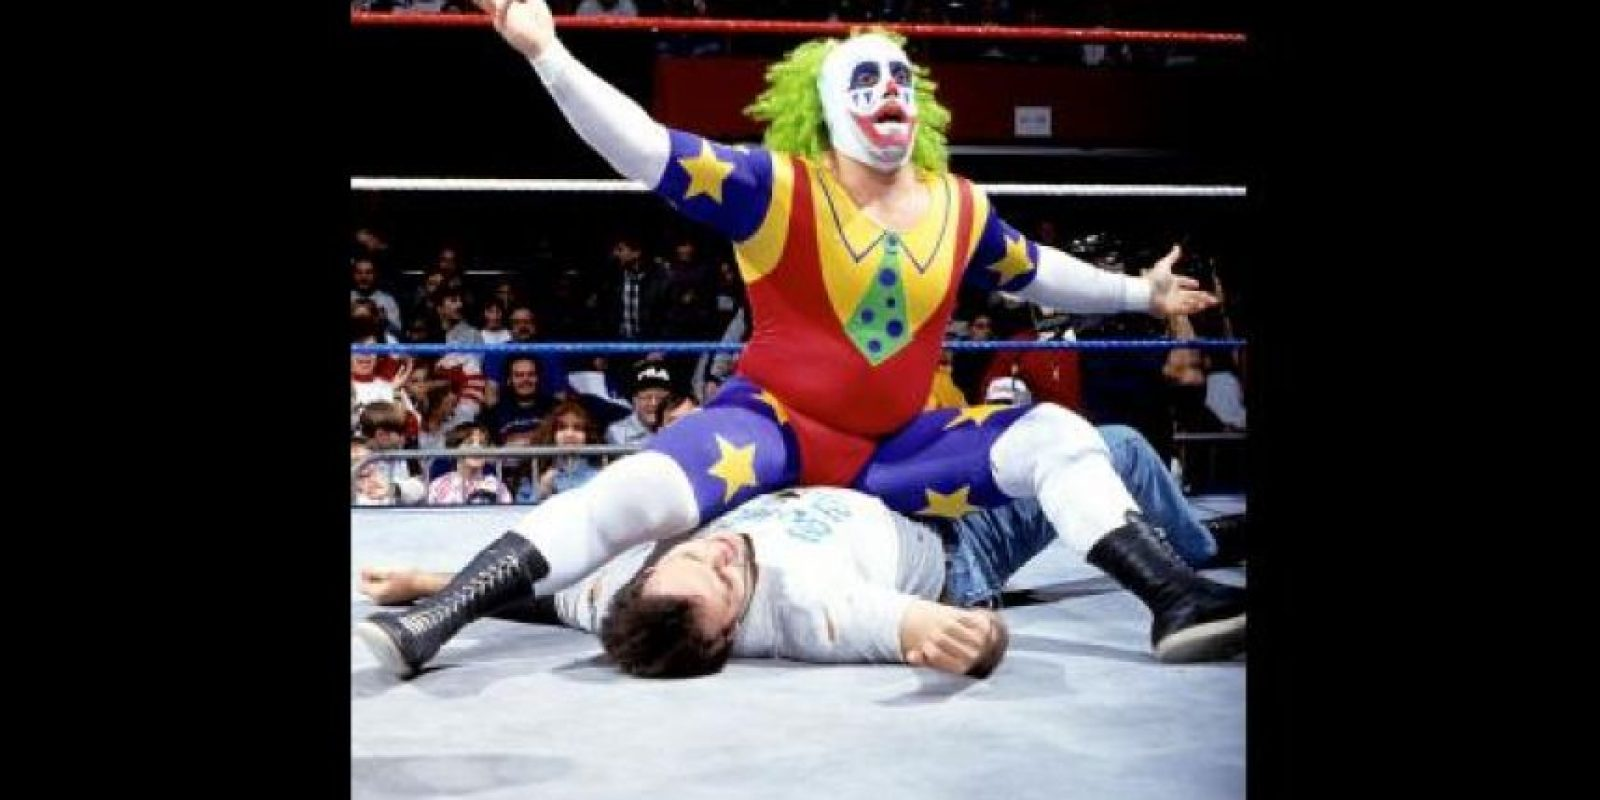 El payaso era especialista en hacer bromas en el ring Foto:WWE